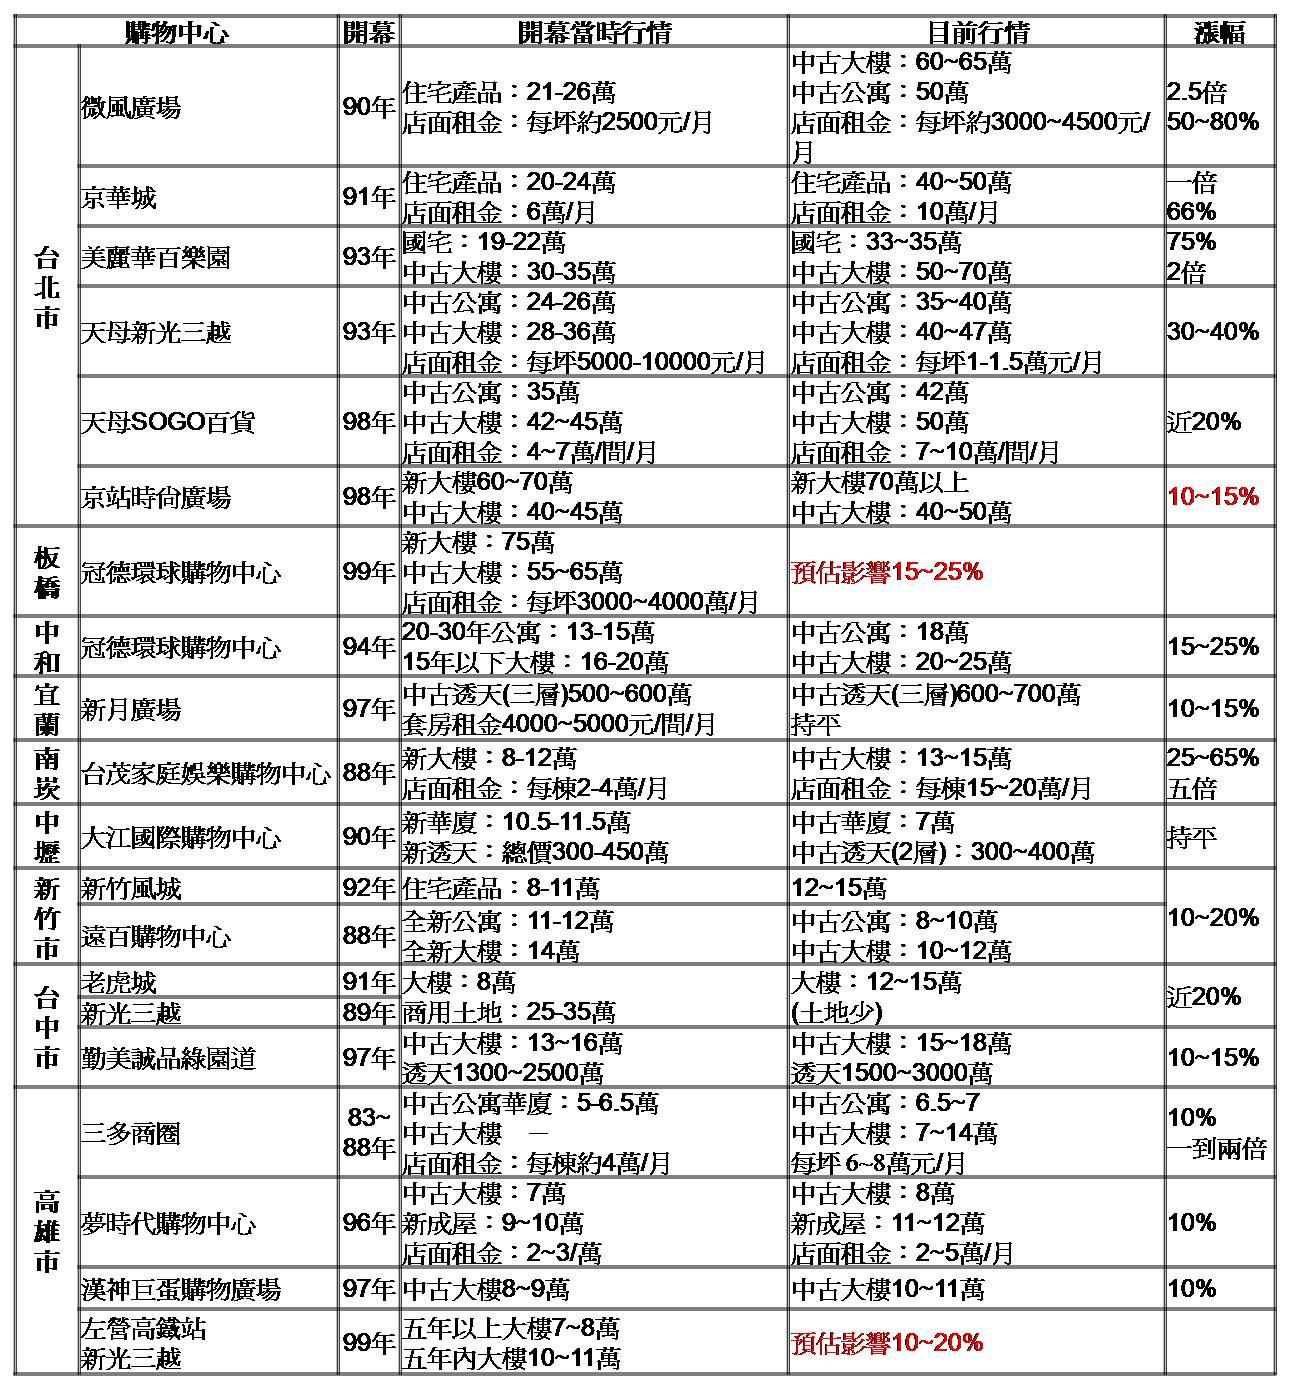 0414_大型購物中心區域房市行情表.jpg